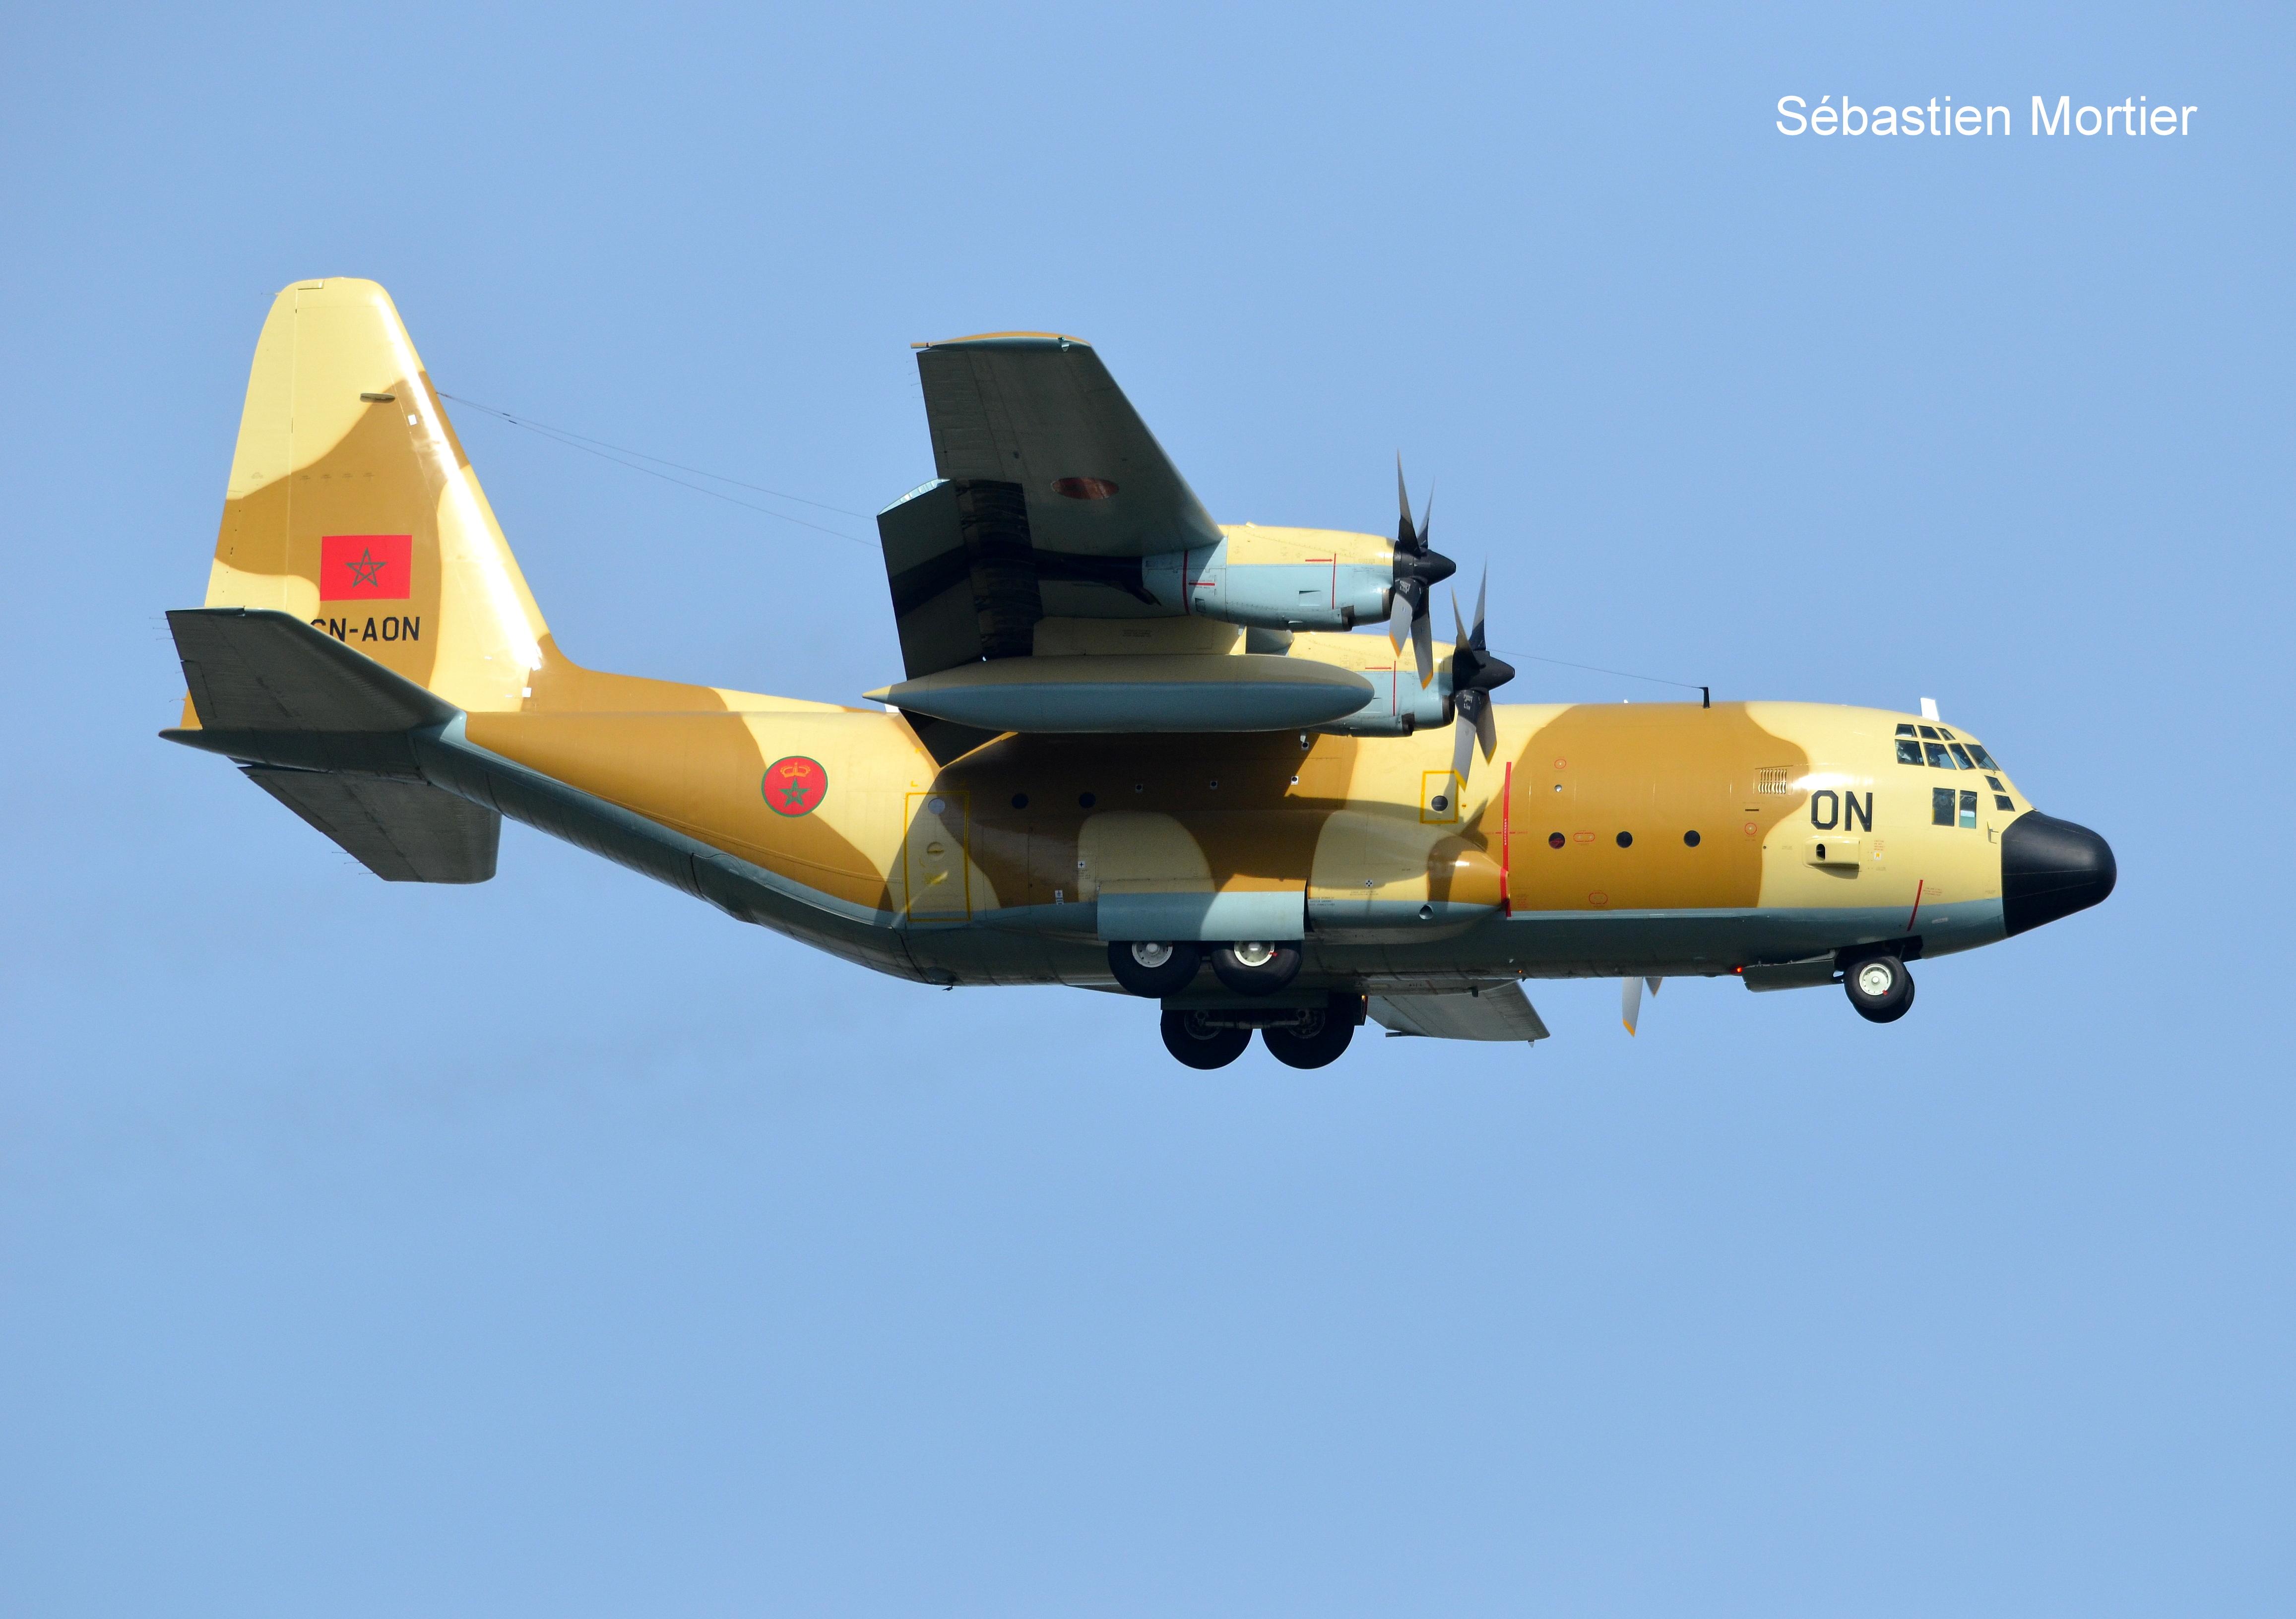 FRA: Photos d'avions de transport - Page 41 50632432482_0d08223c82_o_d